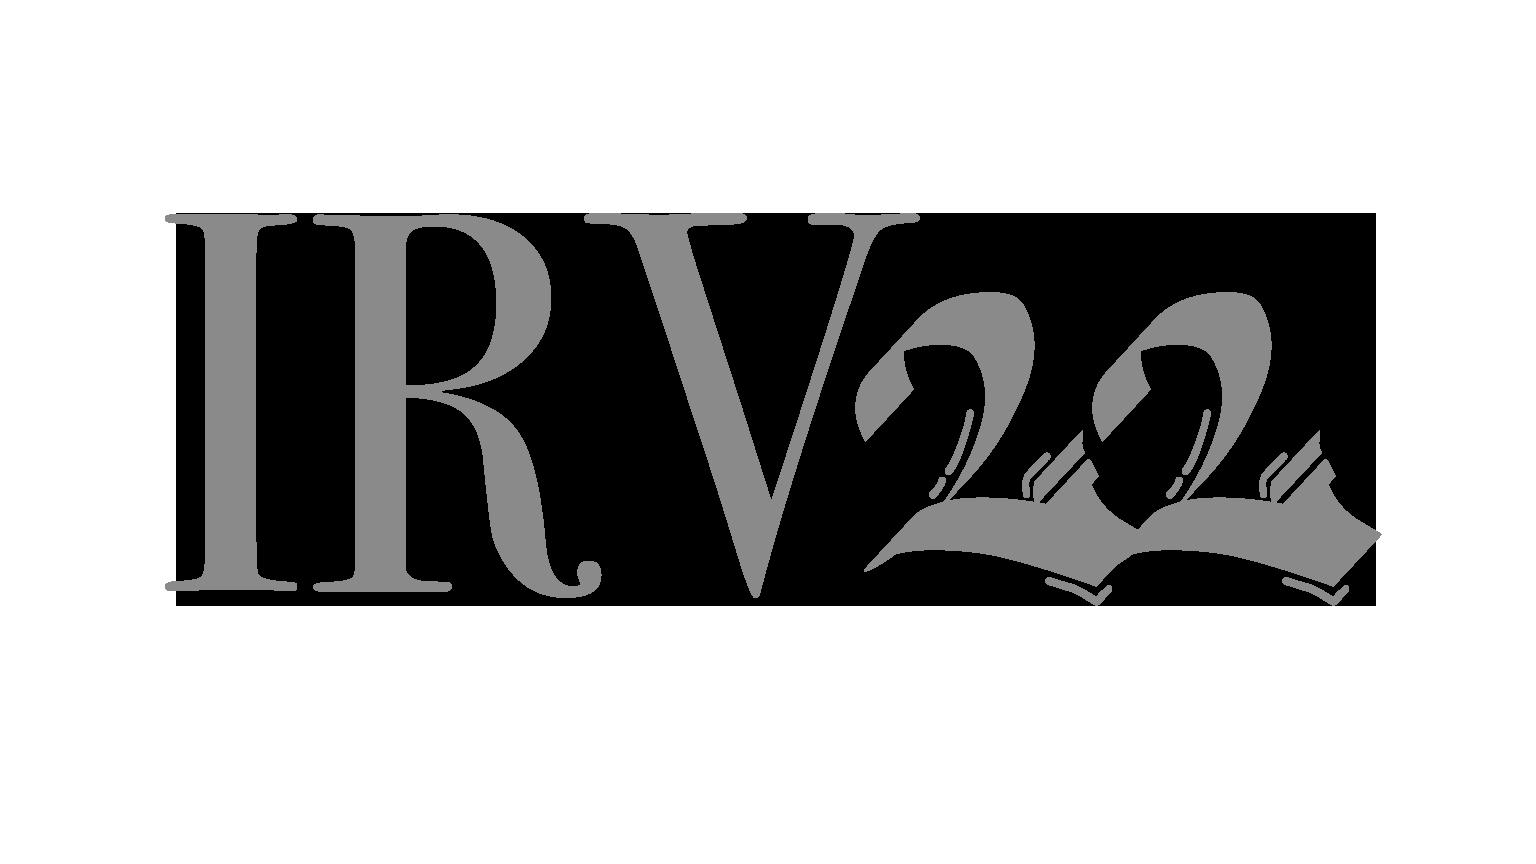 Irv22